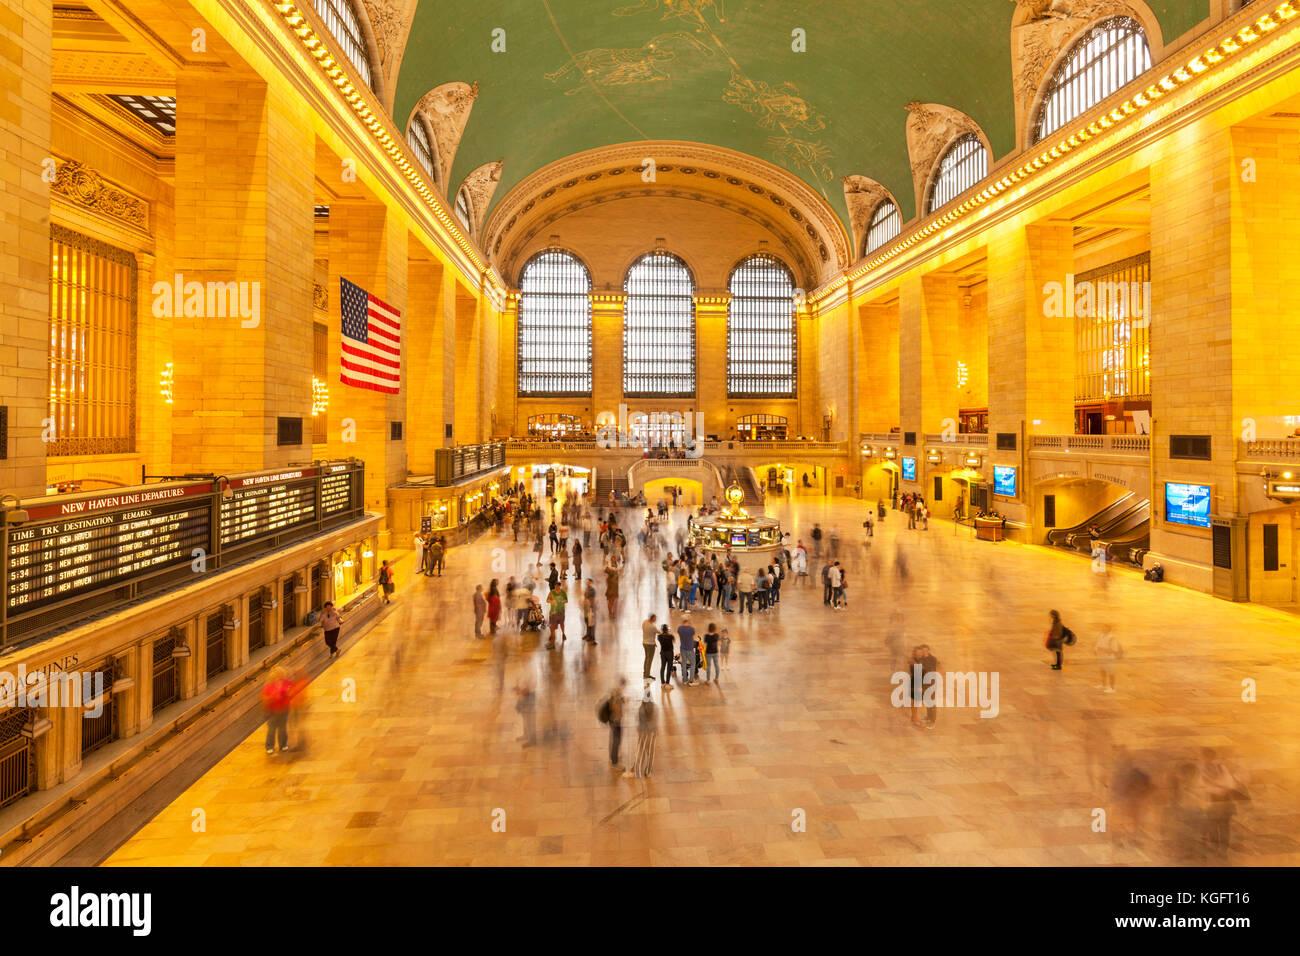 La Grand Central Station Grand Central Terminal New York Stati Uniti new york Grand Central Terminal di new york Immagini Stock